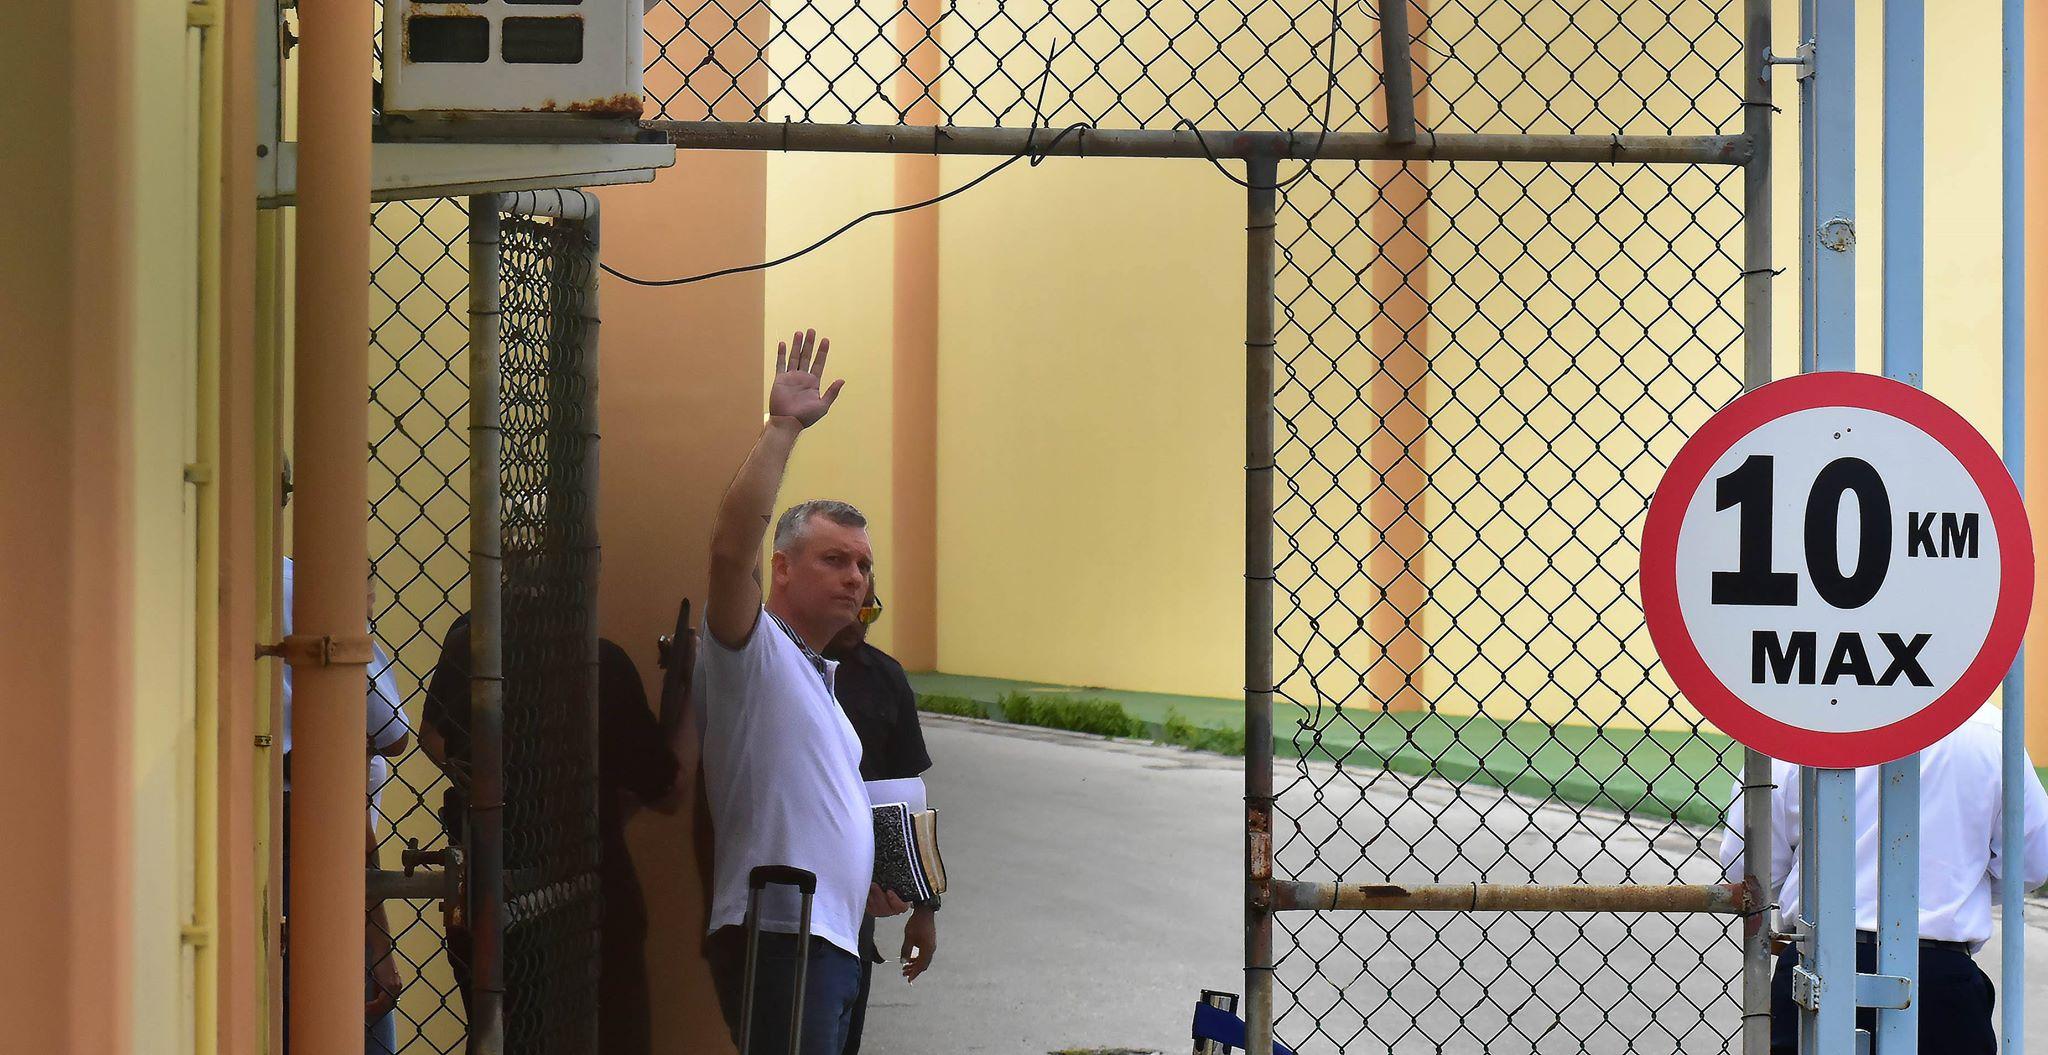 ParadiseFM | Minister Girigorie: 'Geen politieke bemoeienis met zaak-Schotte'